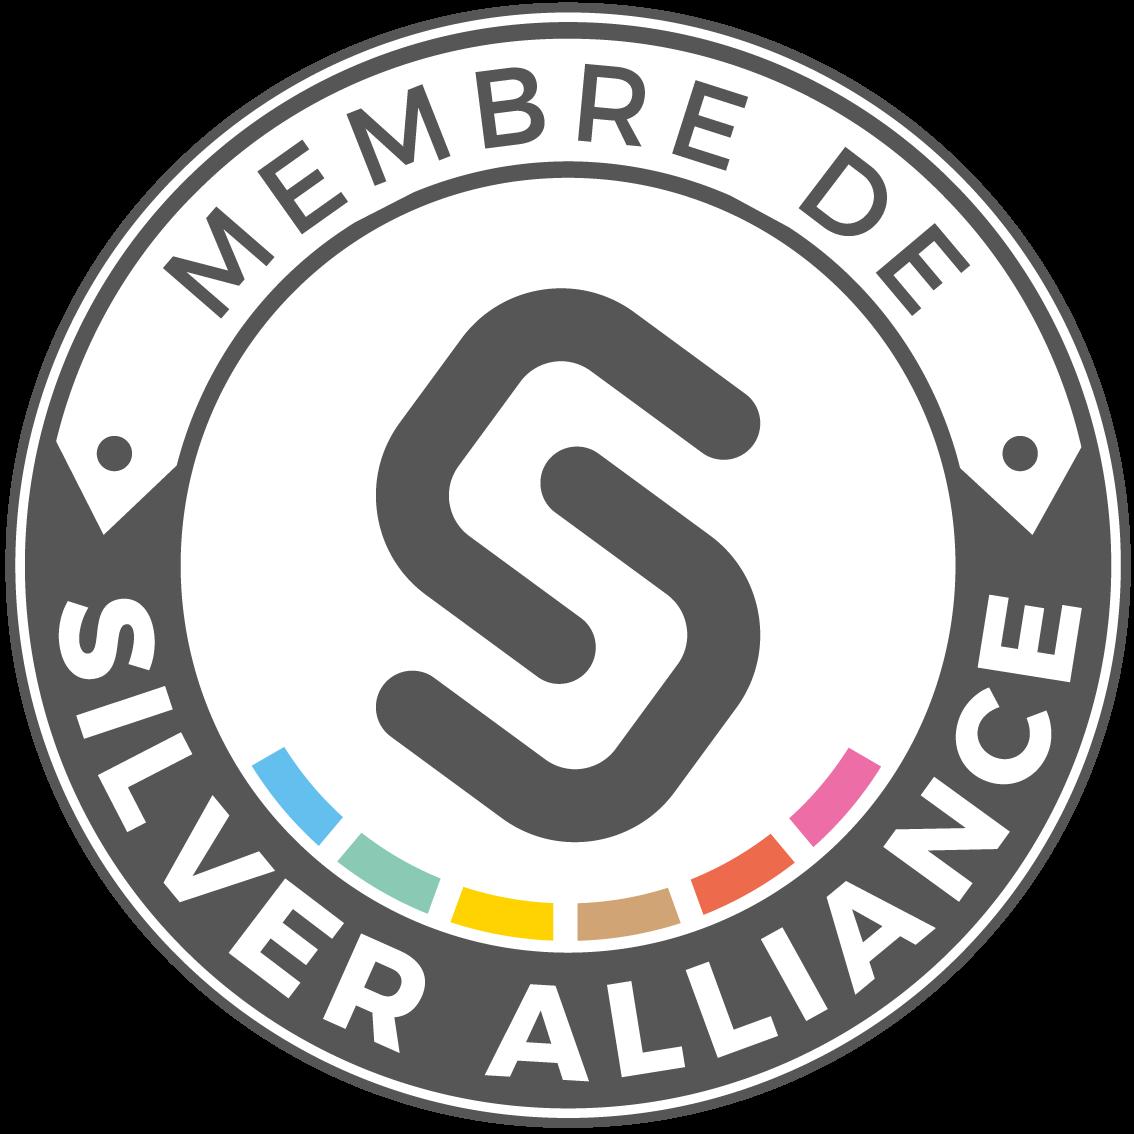 Membre de la Silver Alliance